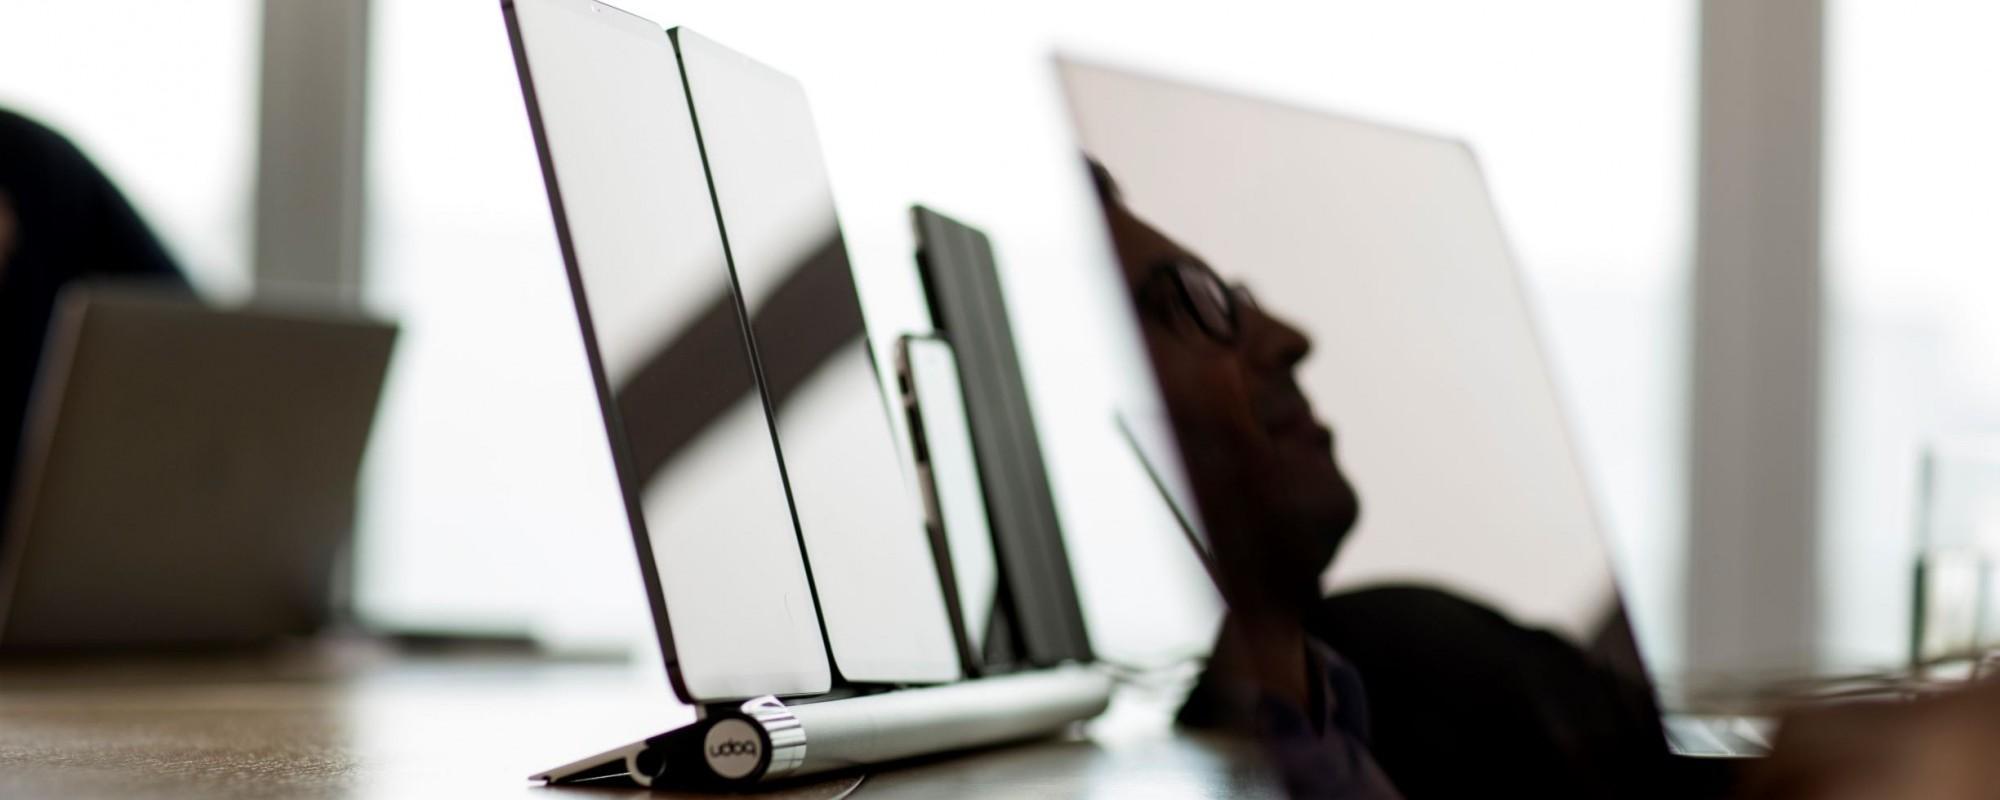 Eine Ladestation auf einem Schreibtisch welche vier Handys gleichzeitig auflädt.